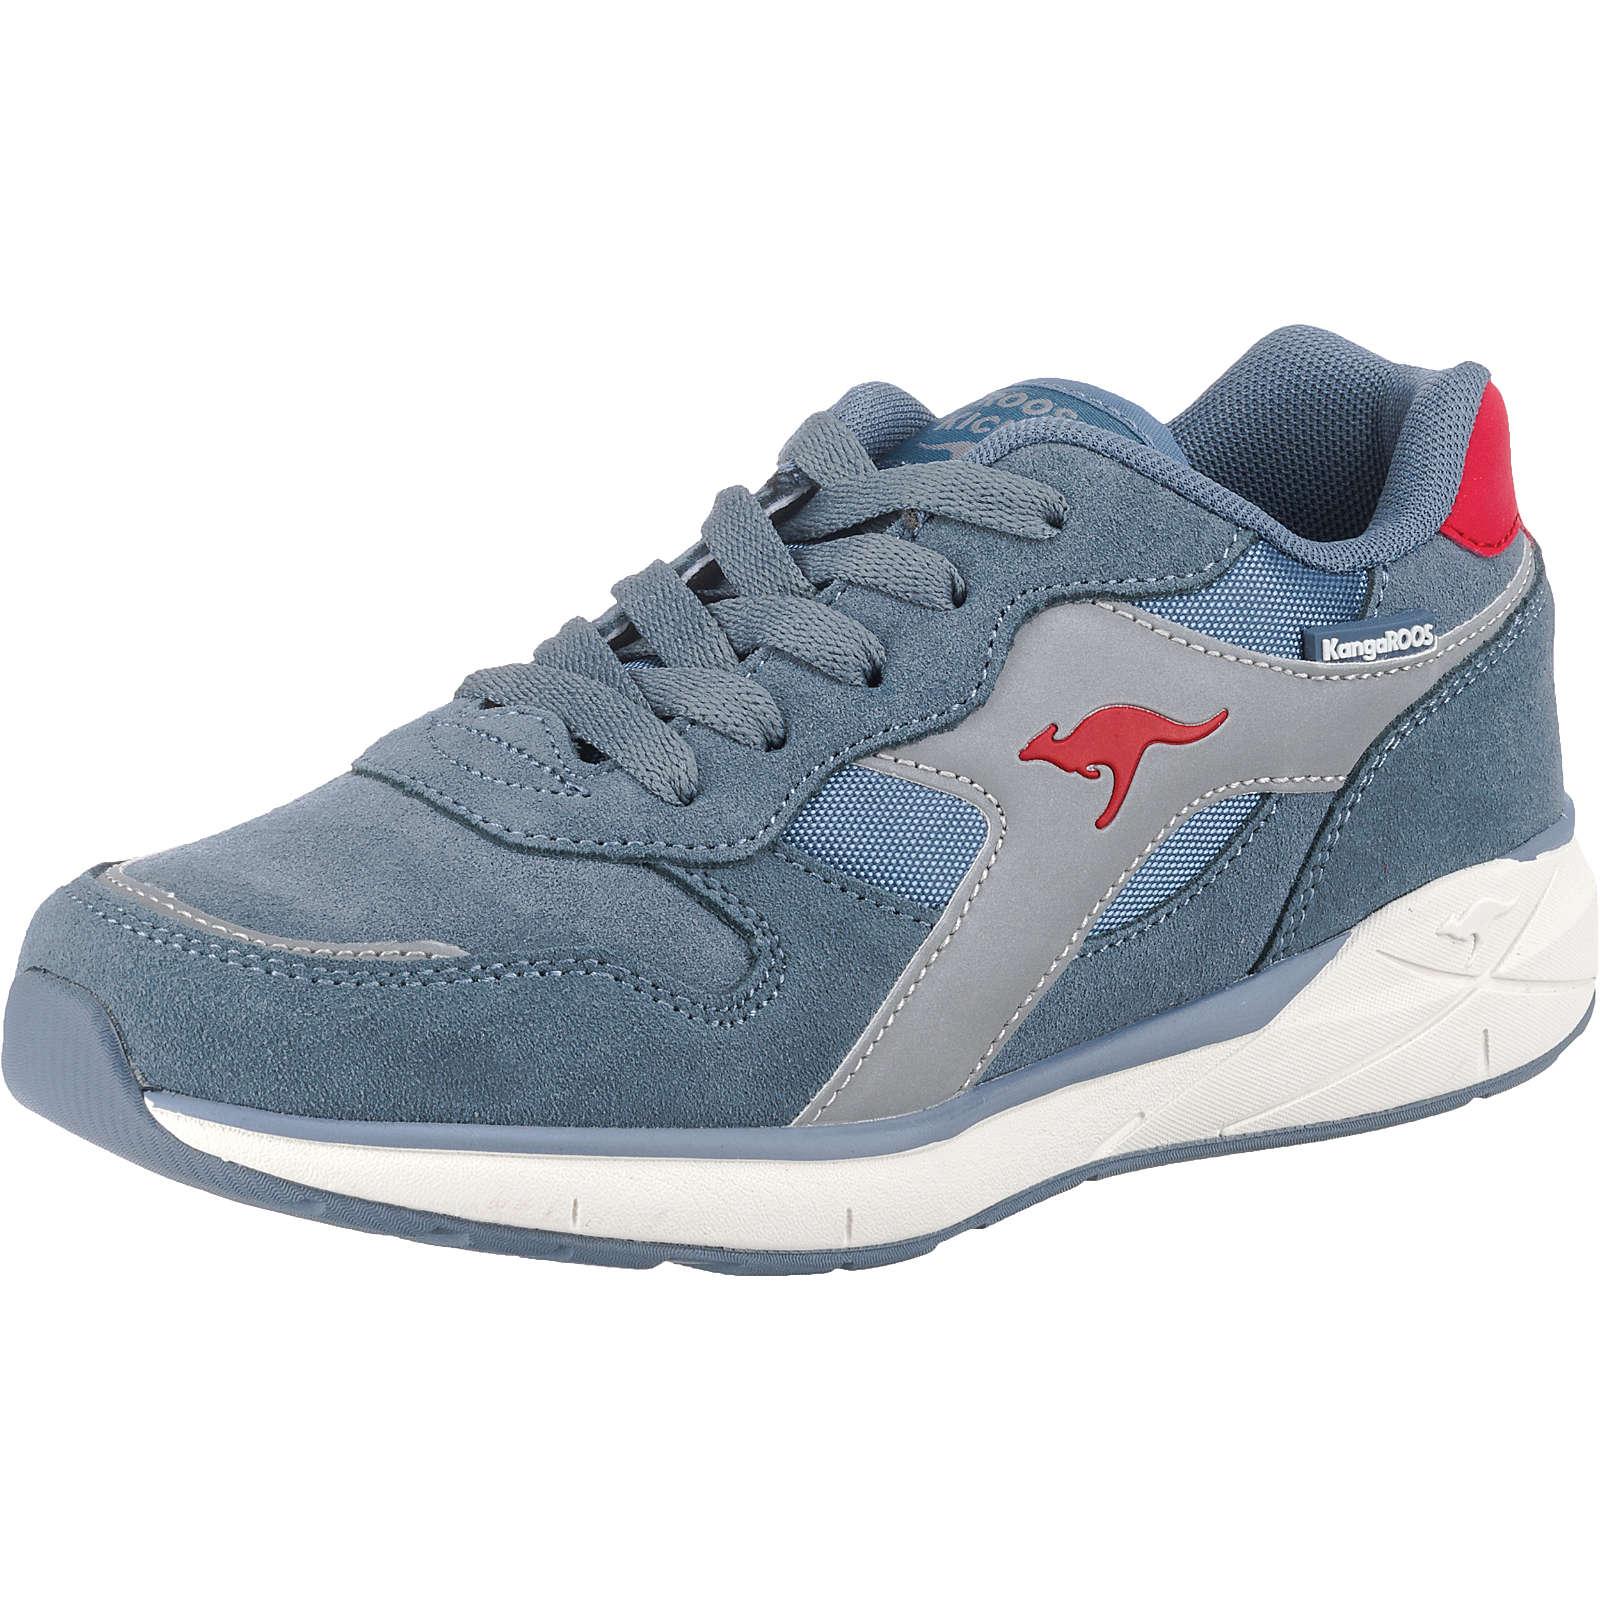 ROOSKickx by KangaROOS Sneakers Low Kiroo Weite M für Kinder blau/rot Gr. 31